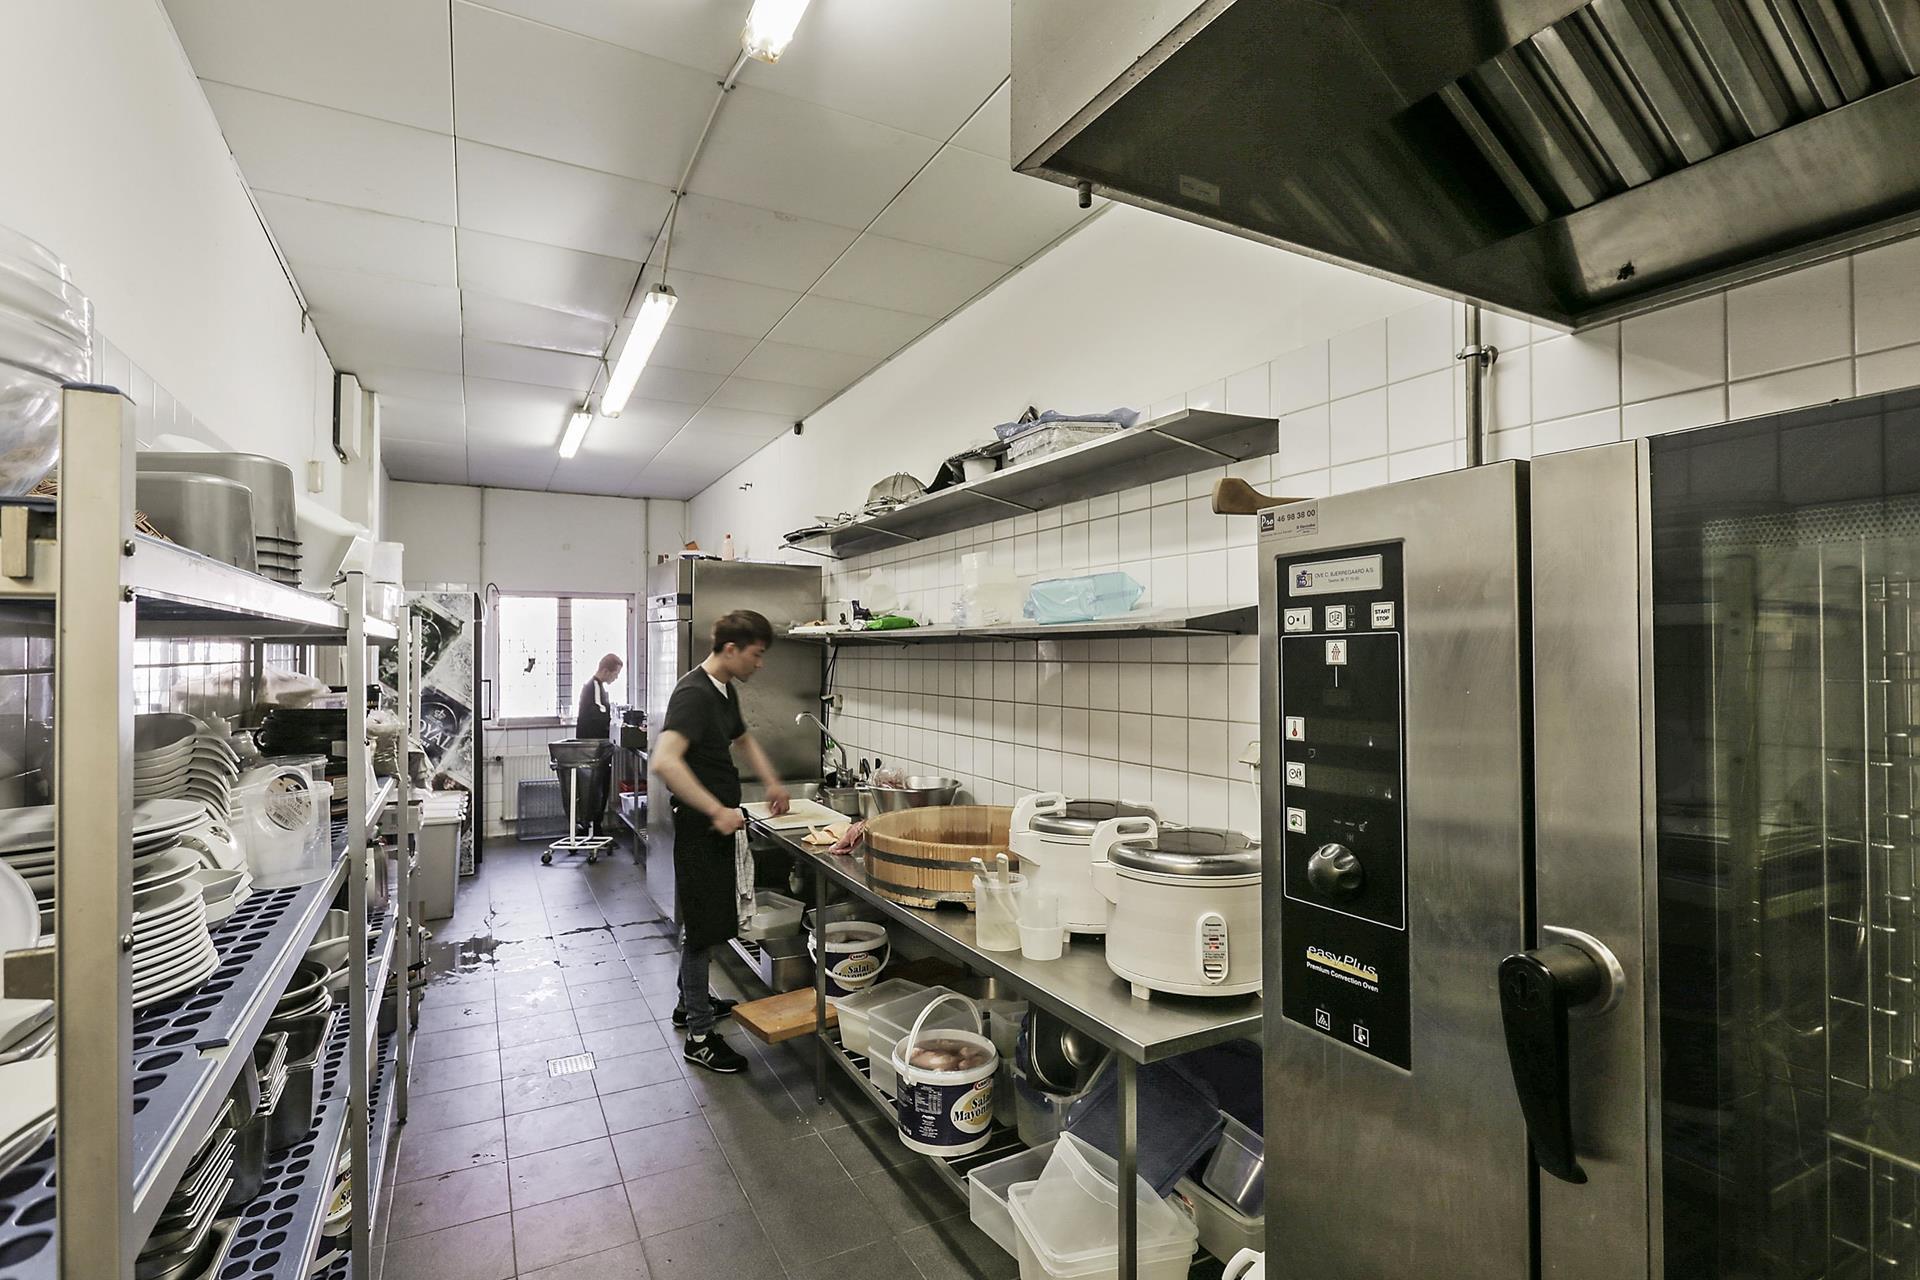 Bolig/erhverv på Vestergade i Køge - Køkken